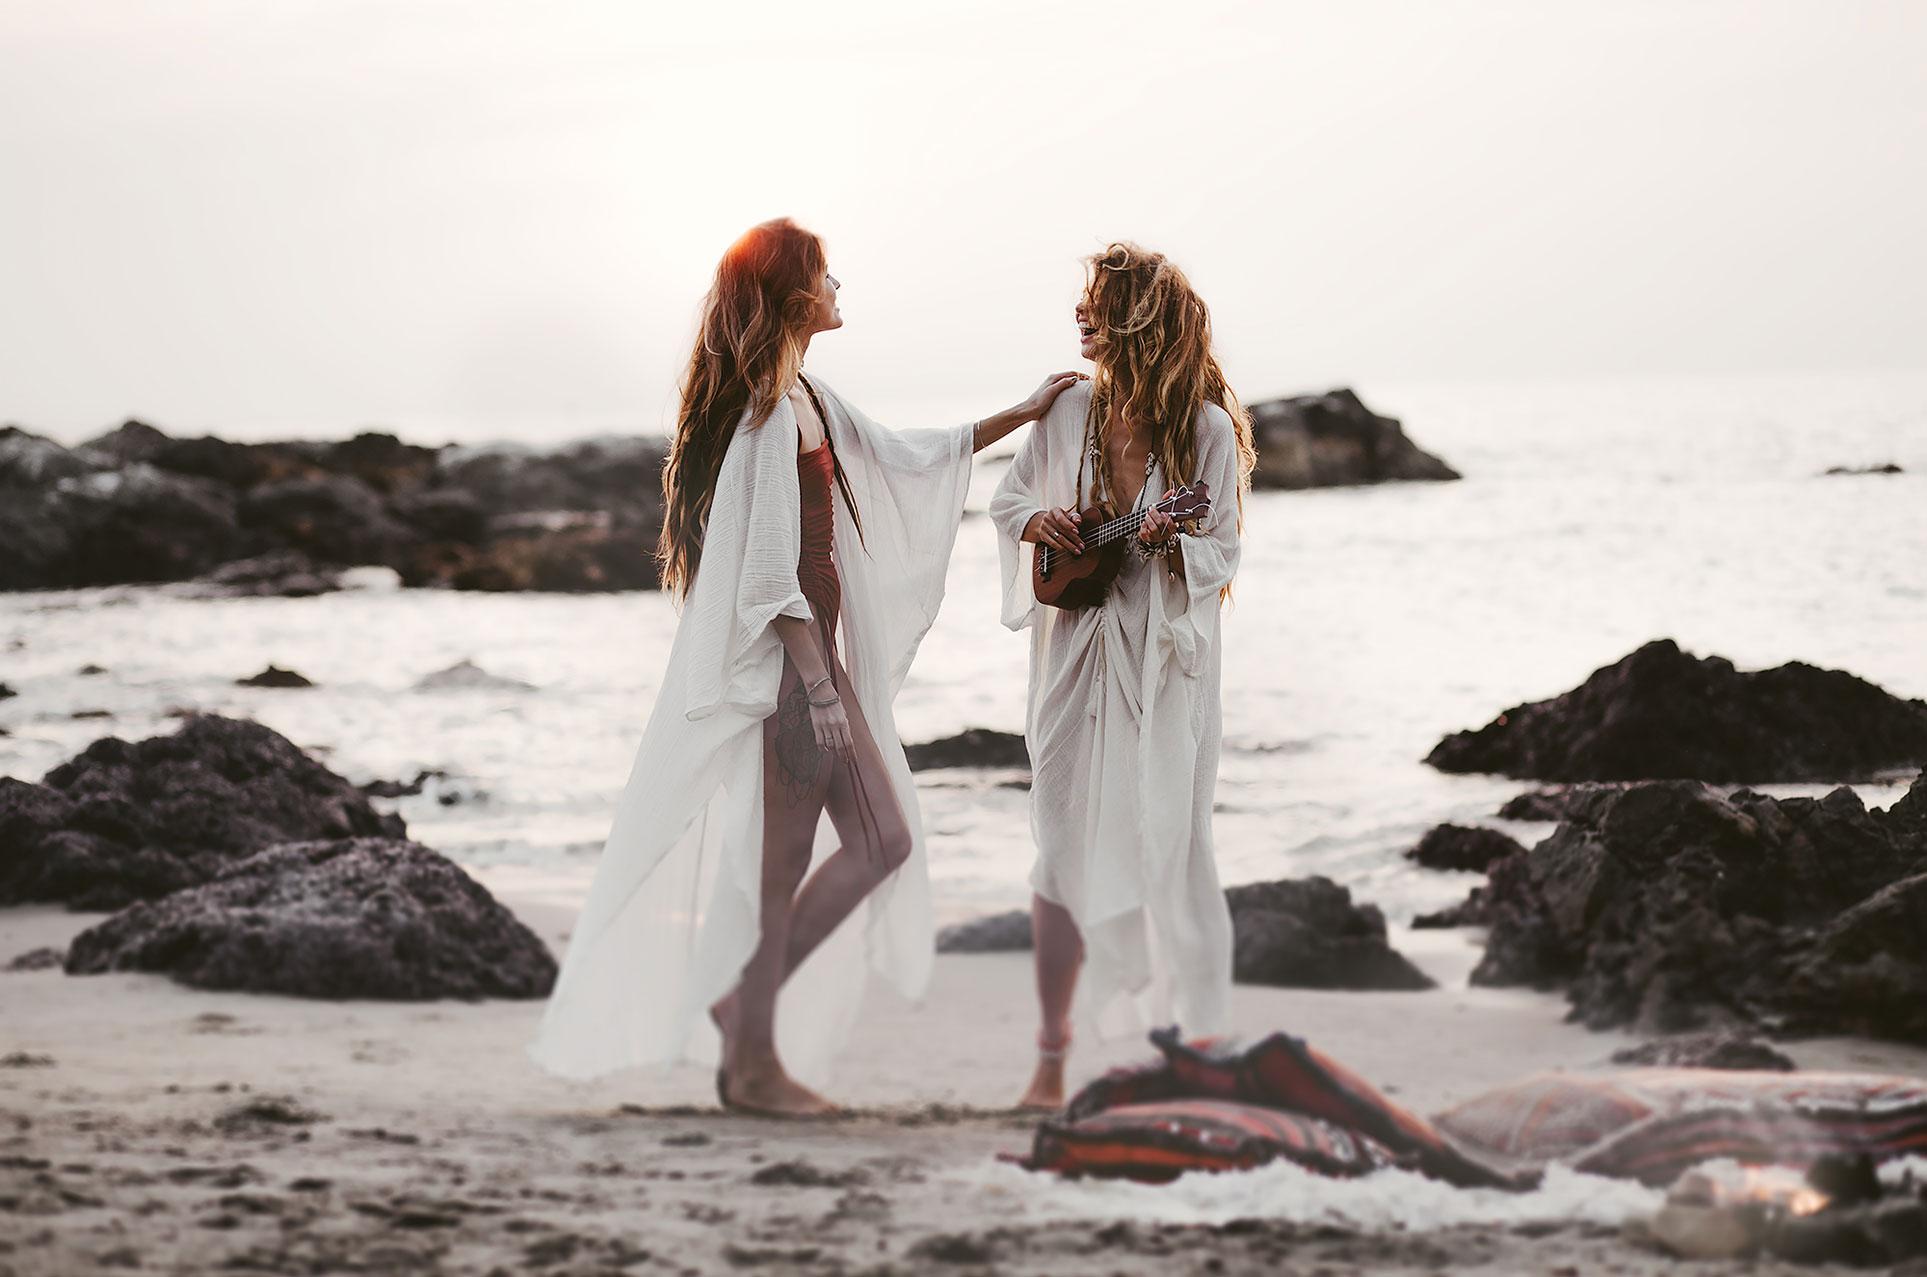 Модная одежда из натуральных тканей Studio Tia на пляжах Гоа / Alisa Belochkina and Alyona Kartushina by Asya Molochkova